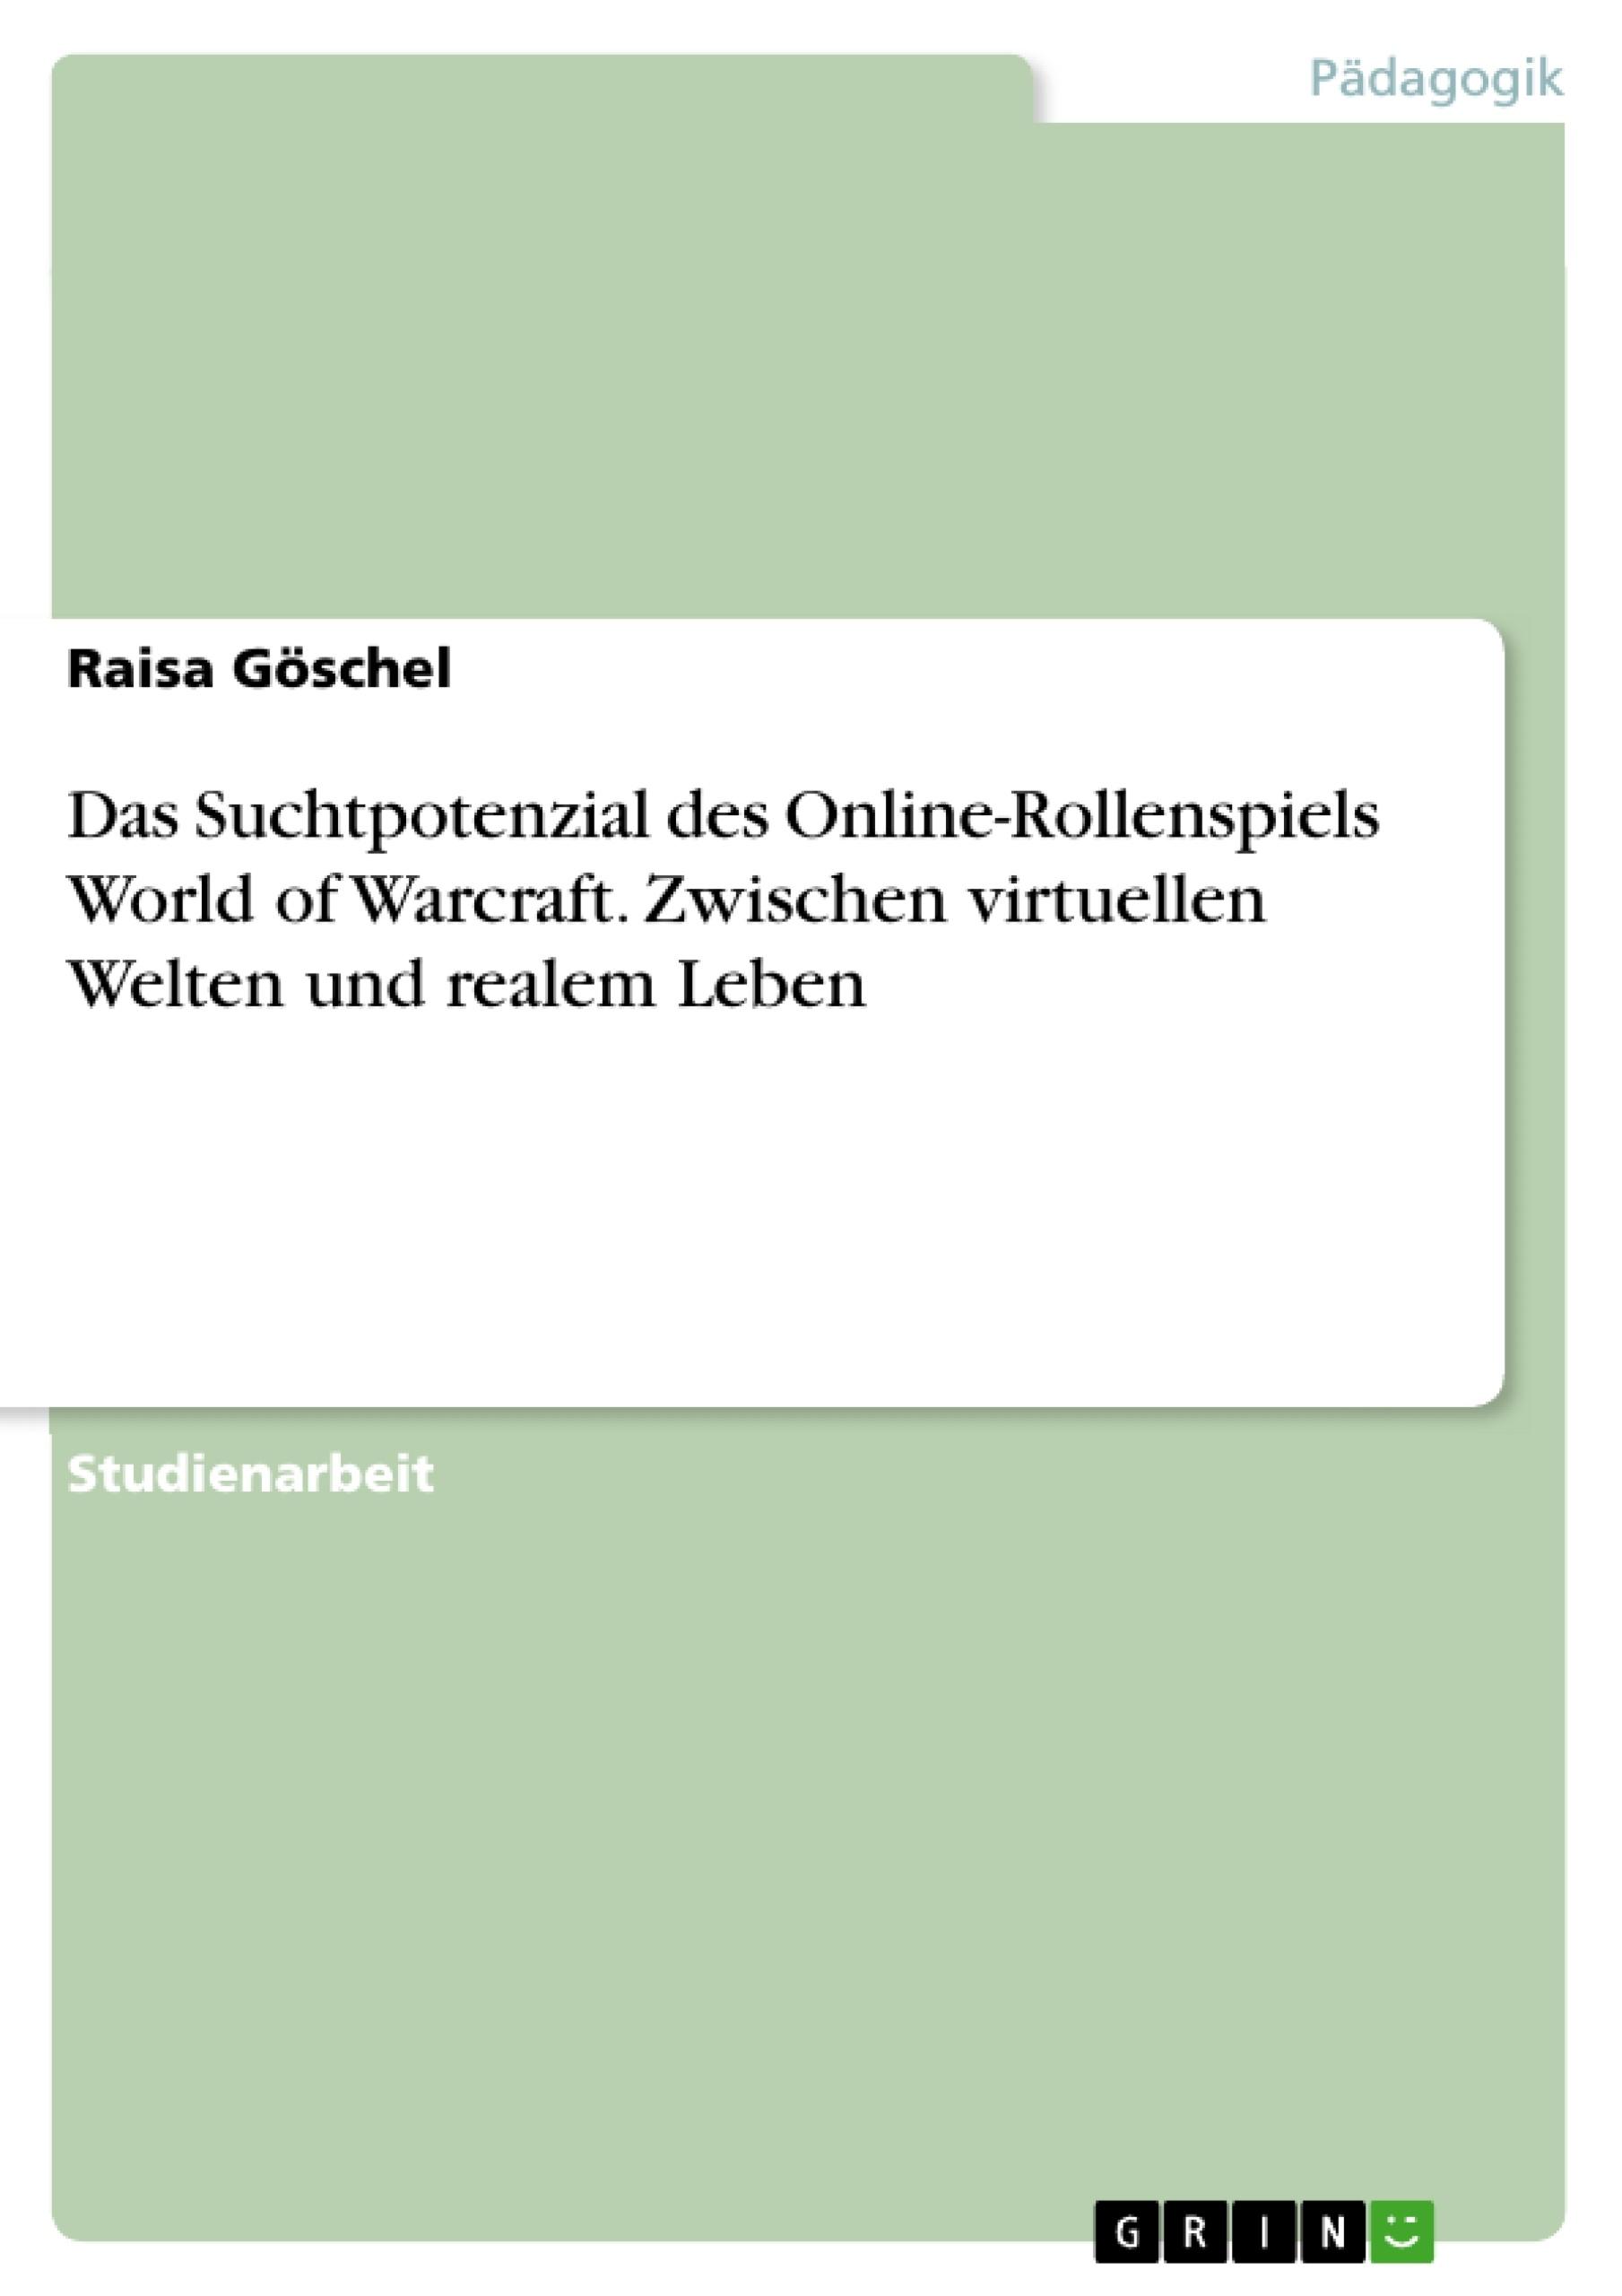 Titel: Das Suchtpotenzial des Online-Rollenspiels World of Warcraft. Zwischen virtuellen Welten und realem Leben